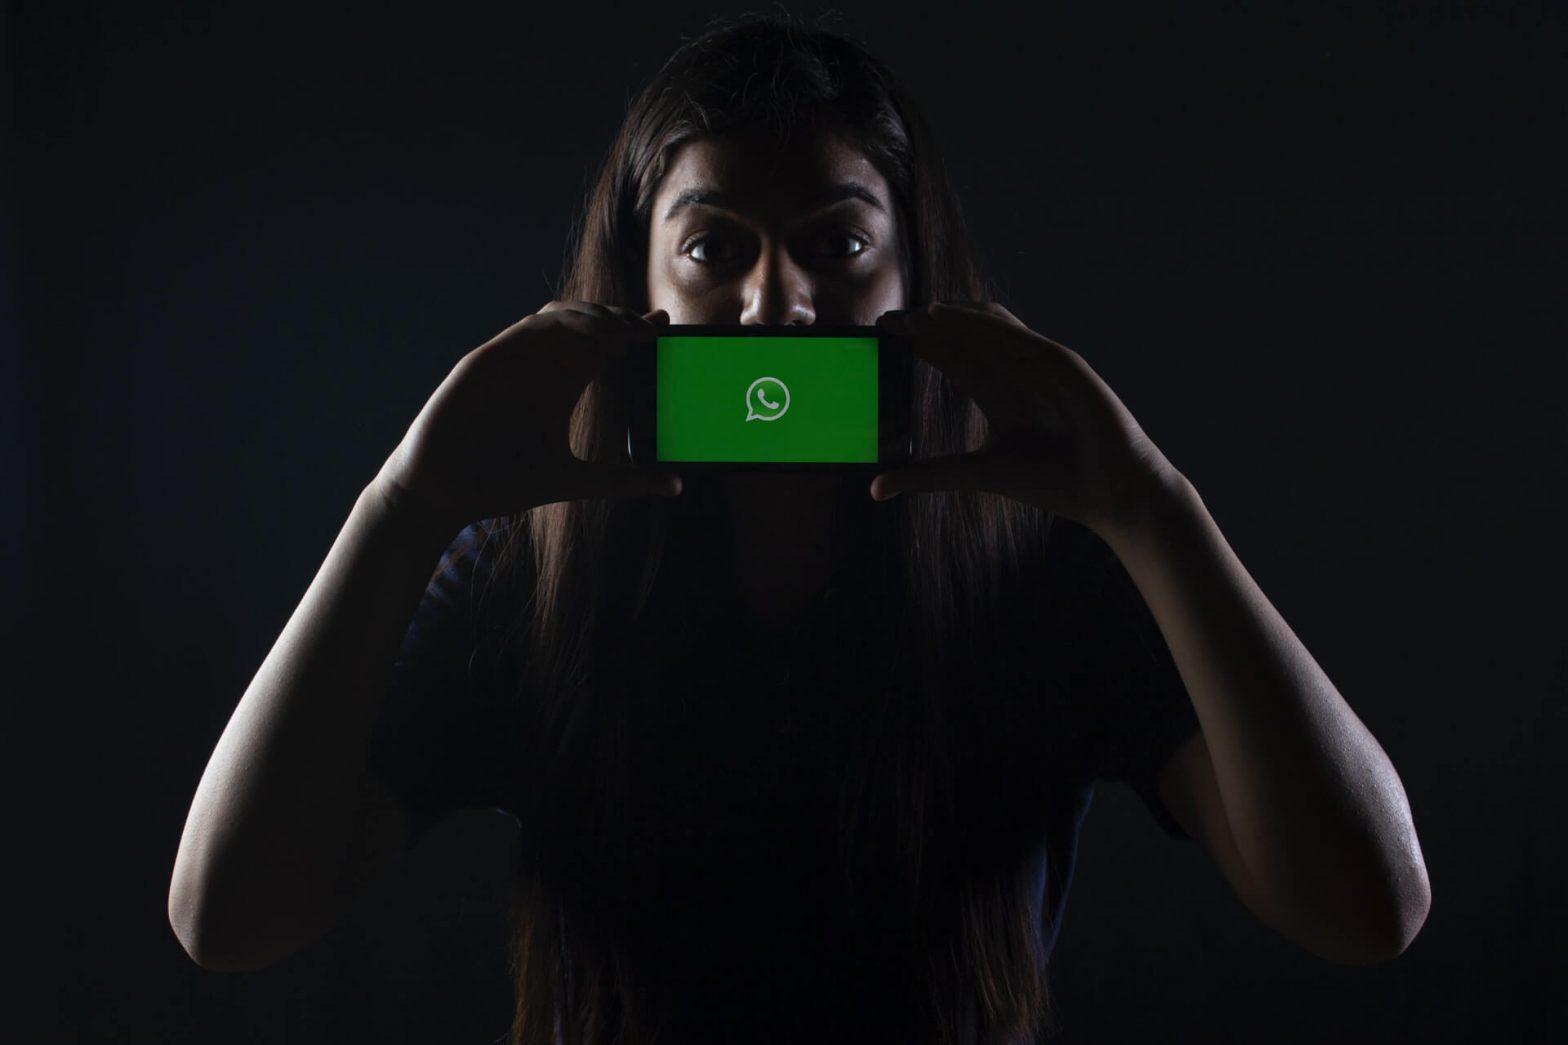 WhatsApp 2021: tutte le novità (e le preoccupazioni per la privacy)